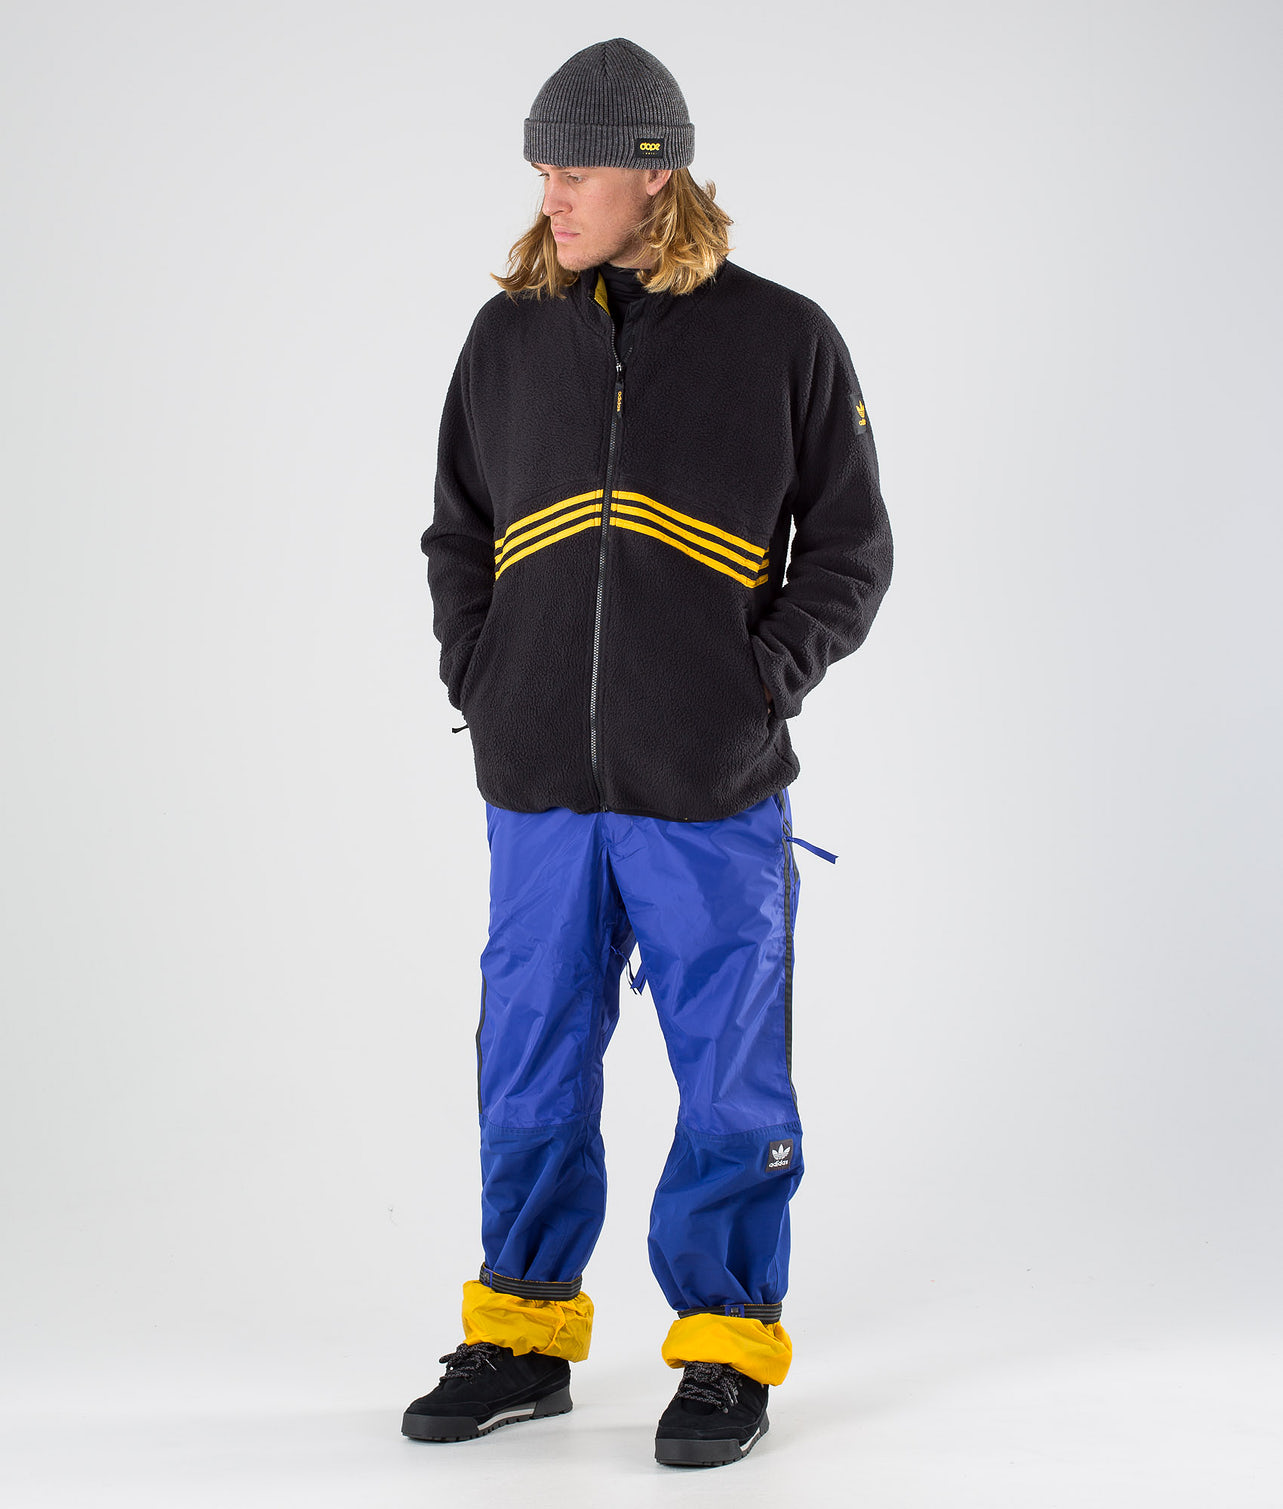 Kjøp Sherpa Full Zip Jakke fra Adidas Skateboarding på Ridestore.no - Hos oss har du alltid fri frakt, fri retur og 30 dagers åpent kjøp!